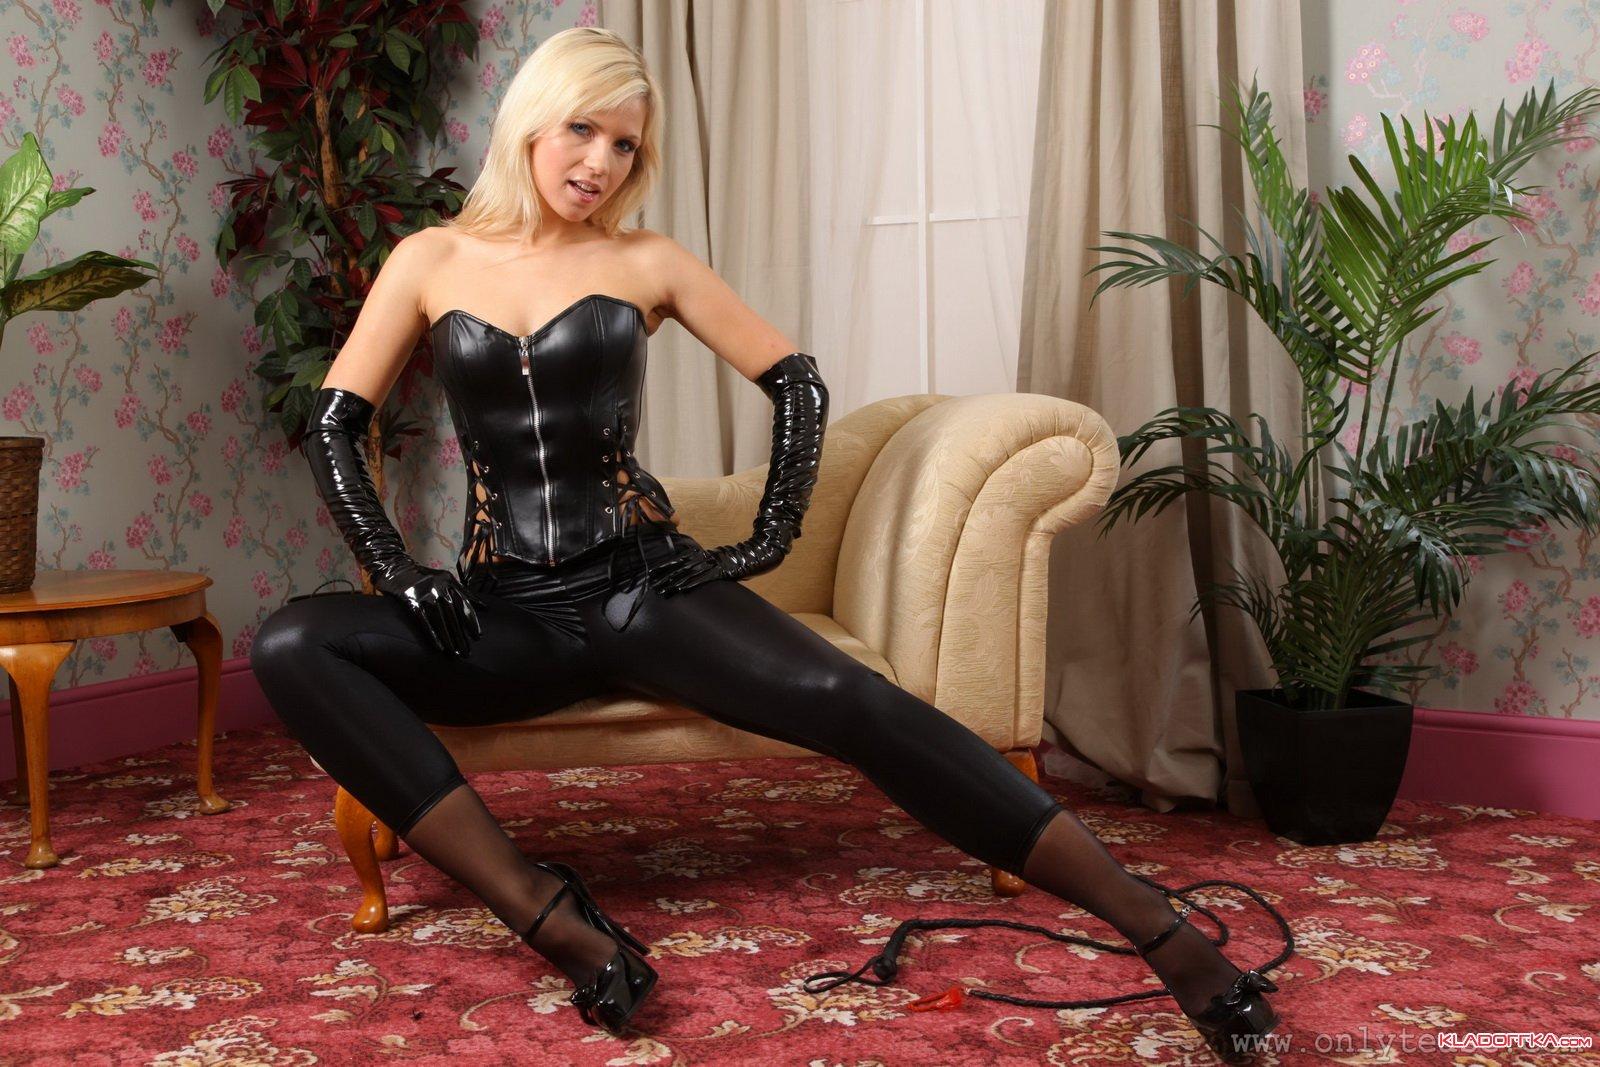 Страпон госпожа латекс высокие каблуки 25 фотография